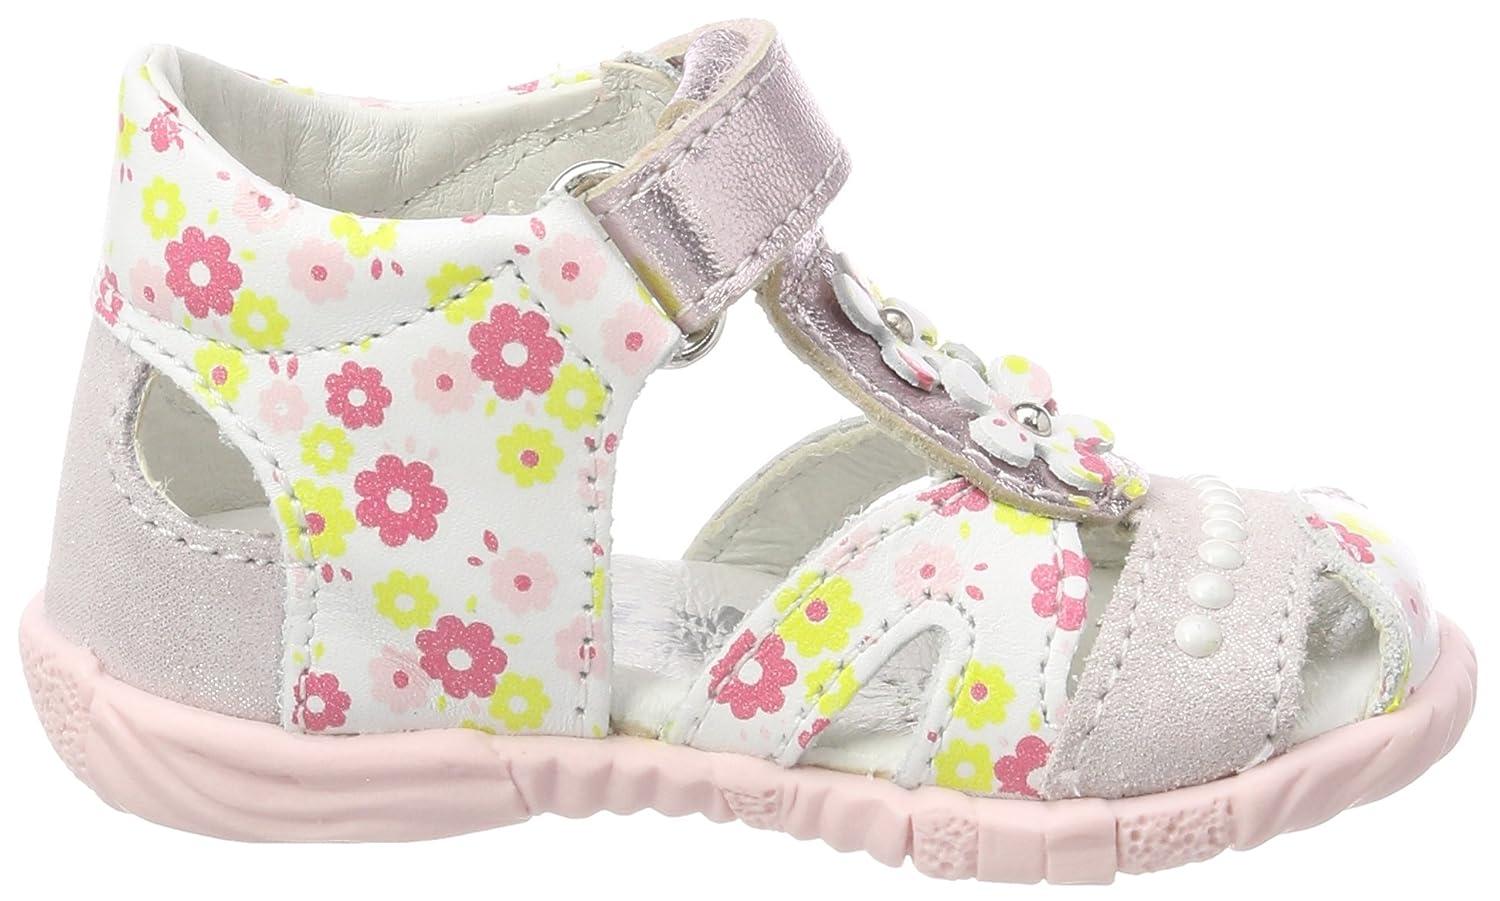 ALUK- beach shoes/sandals Chaussures de plage Bottom (Couleur : Blanc, taille : 40)